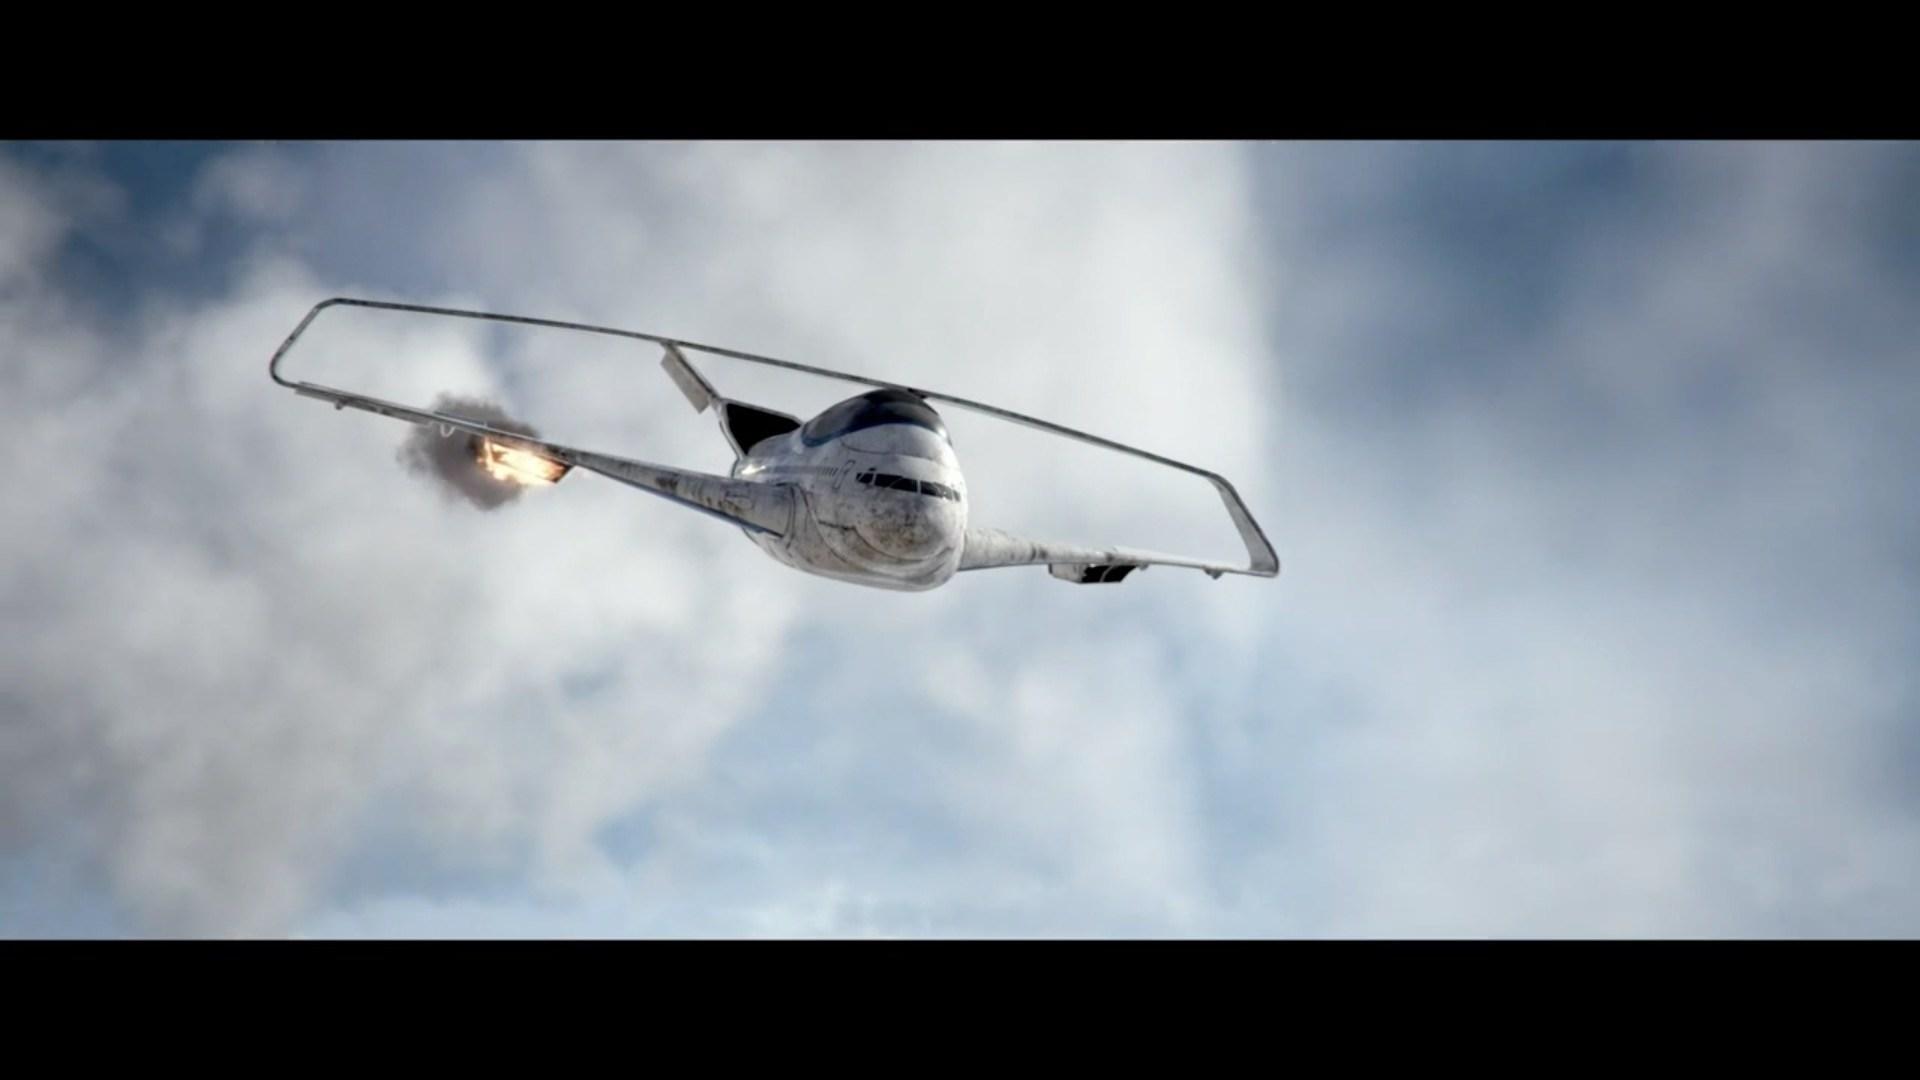 Surge2 Cinematic | Crash